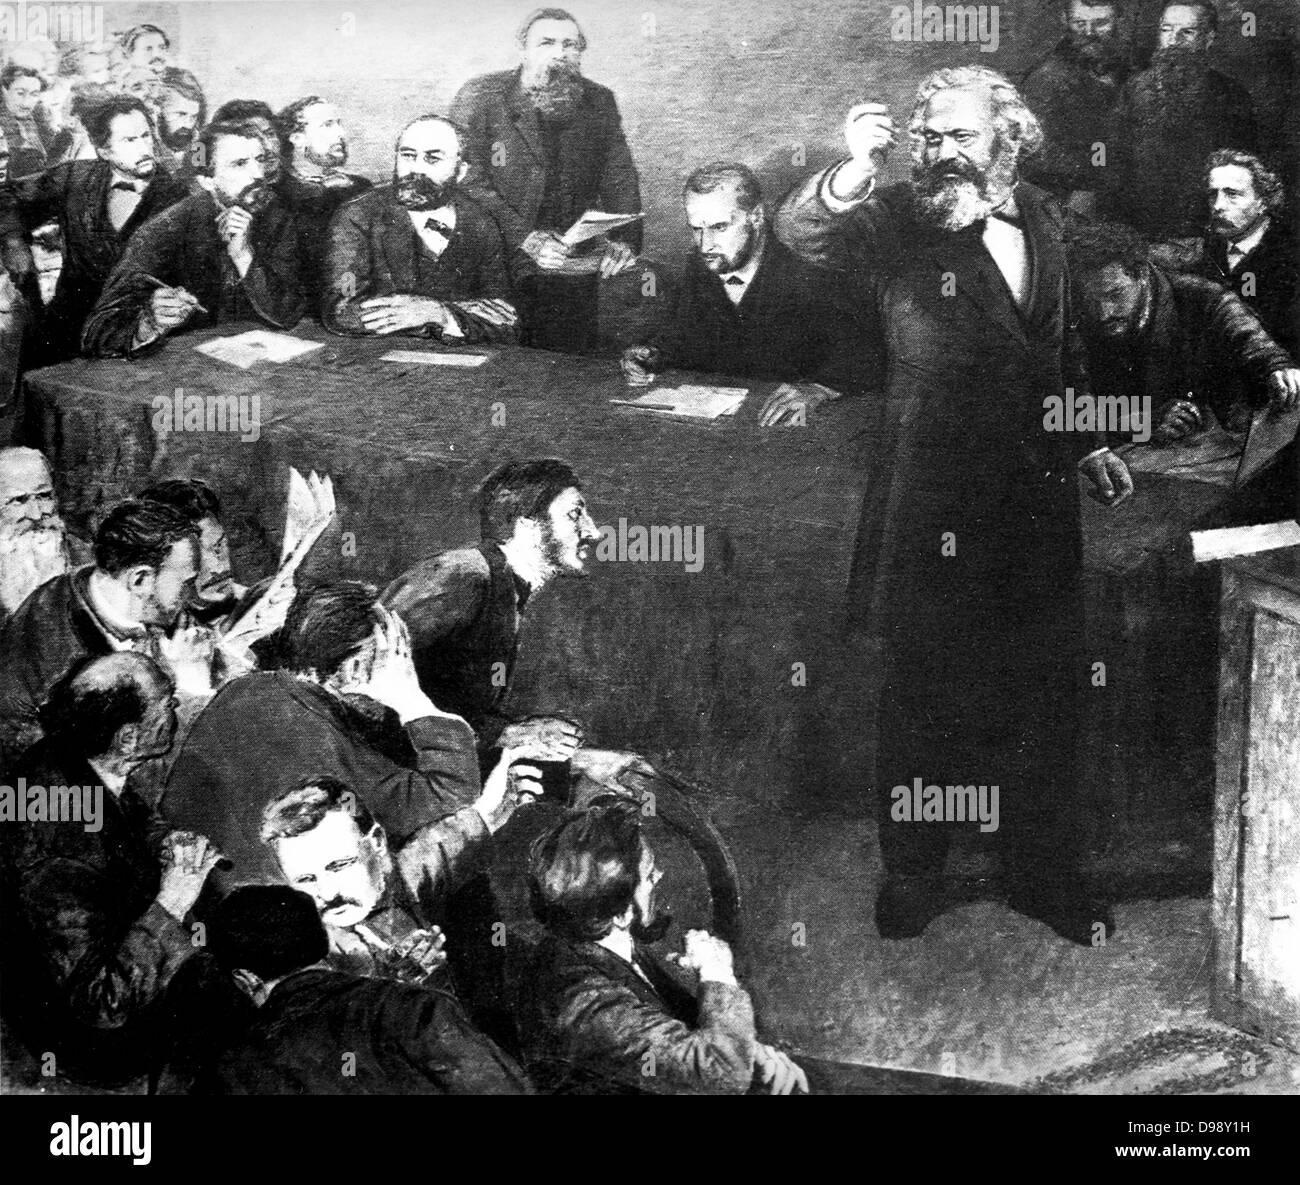 Karl Marx and Engels at the 1872 Hague Congress